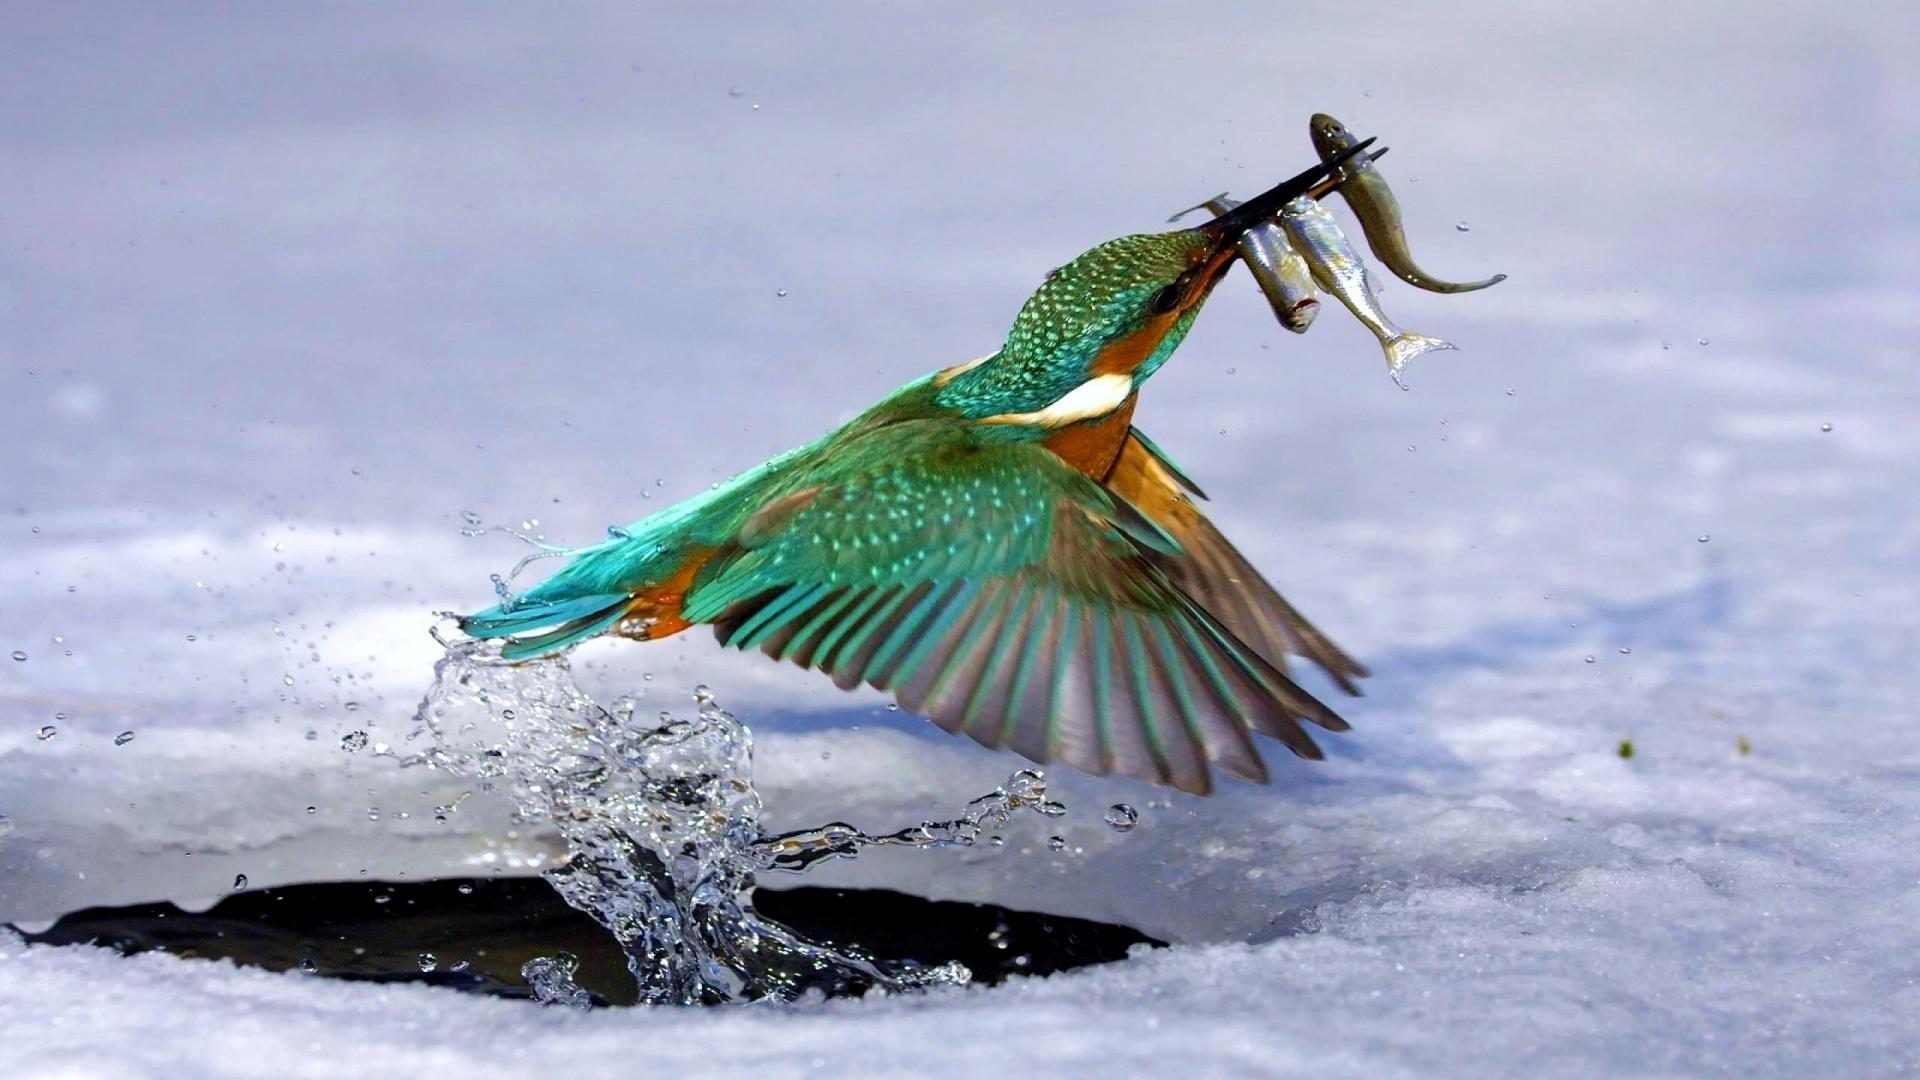 выходец одноименного новогодняя рыбалка картинки на рабочий стол давайте начнем